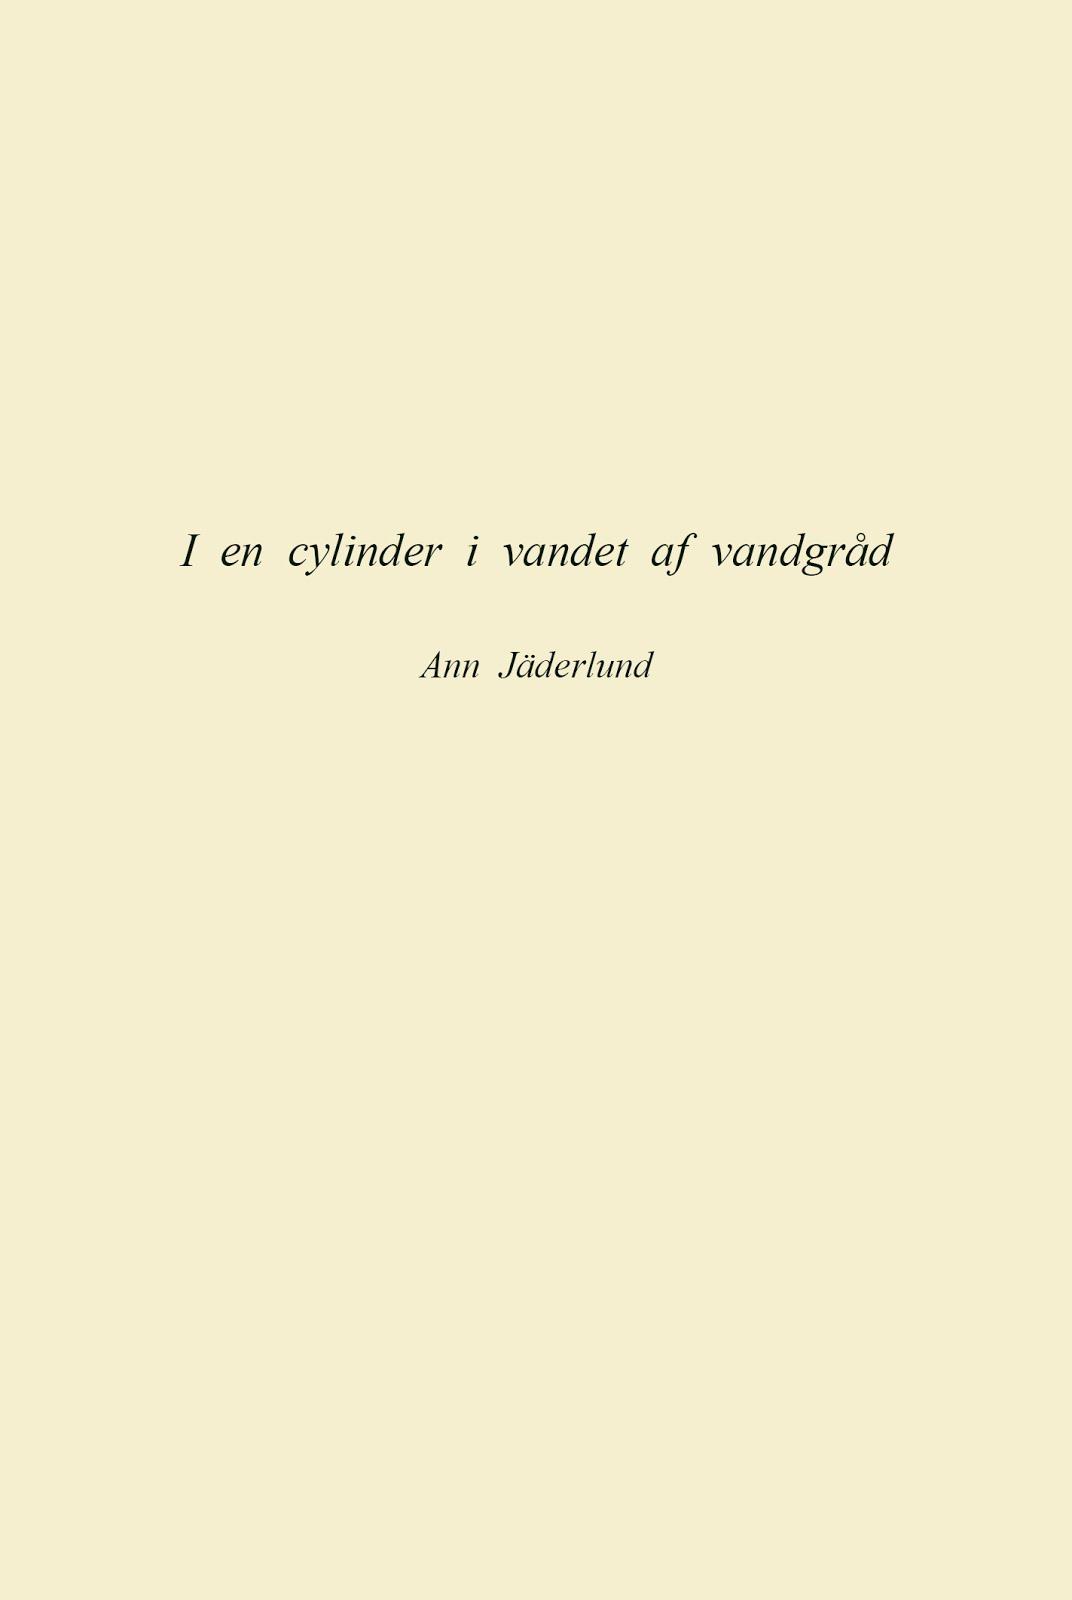 Ann Jäderlund: I en cylinder i vandet af vandgråd (oversat af Olga Ravn)